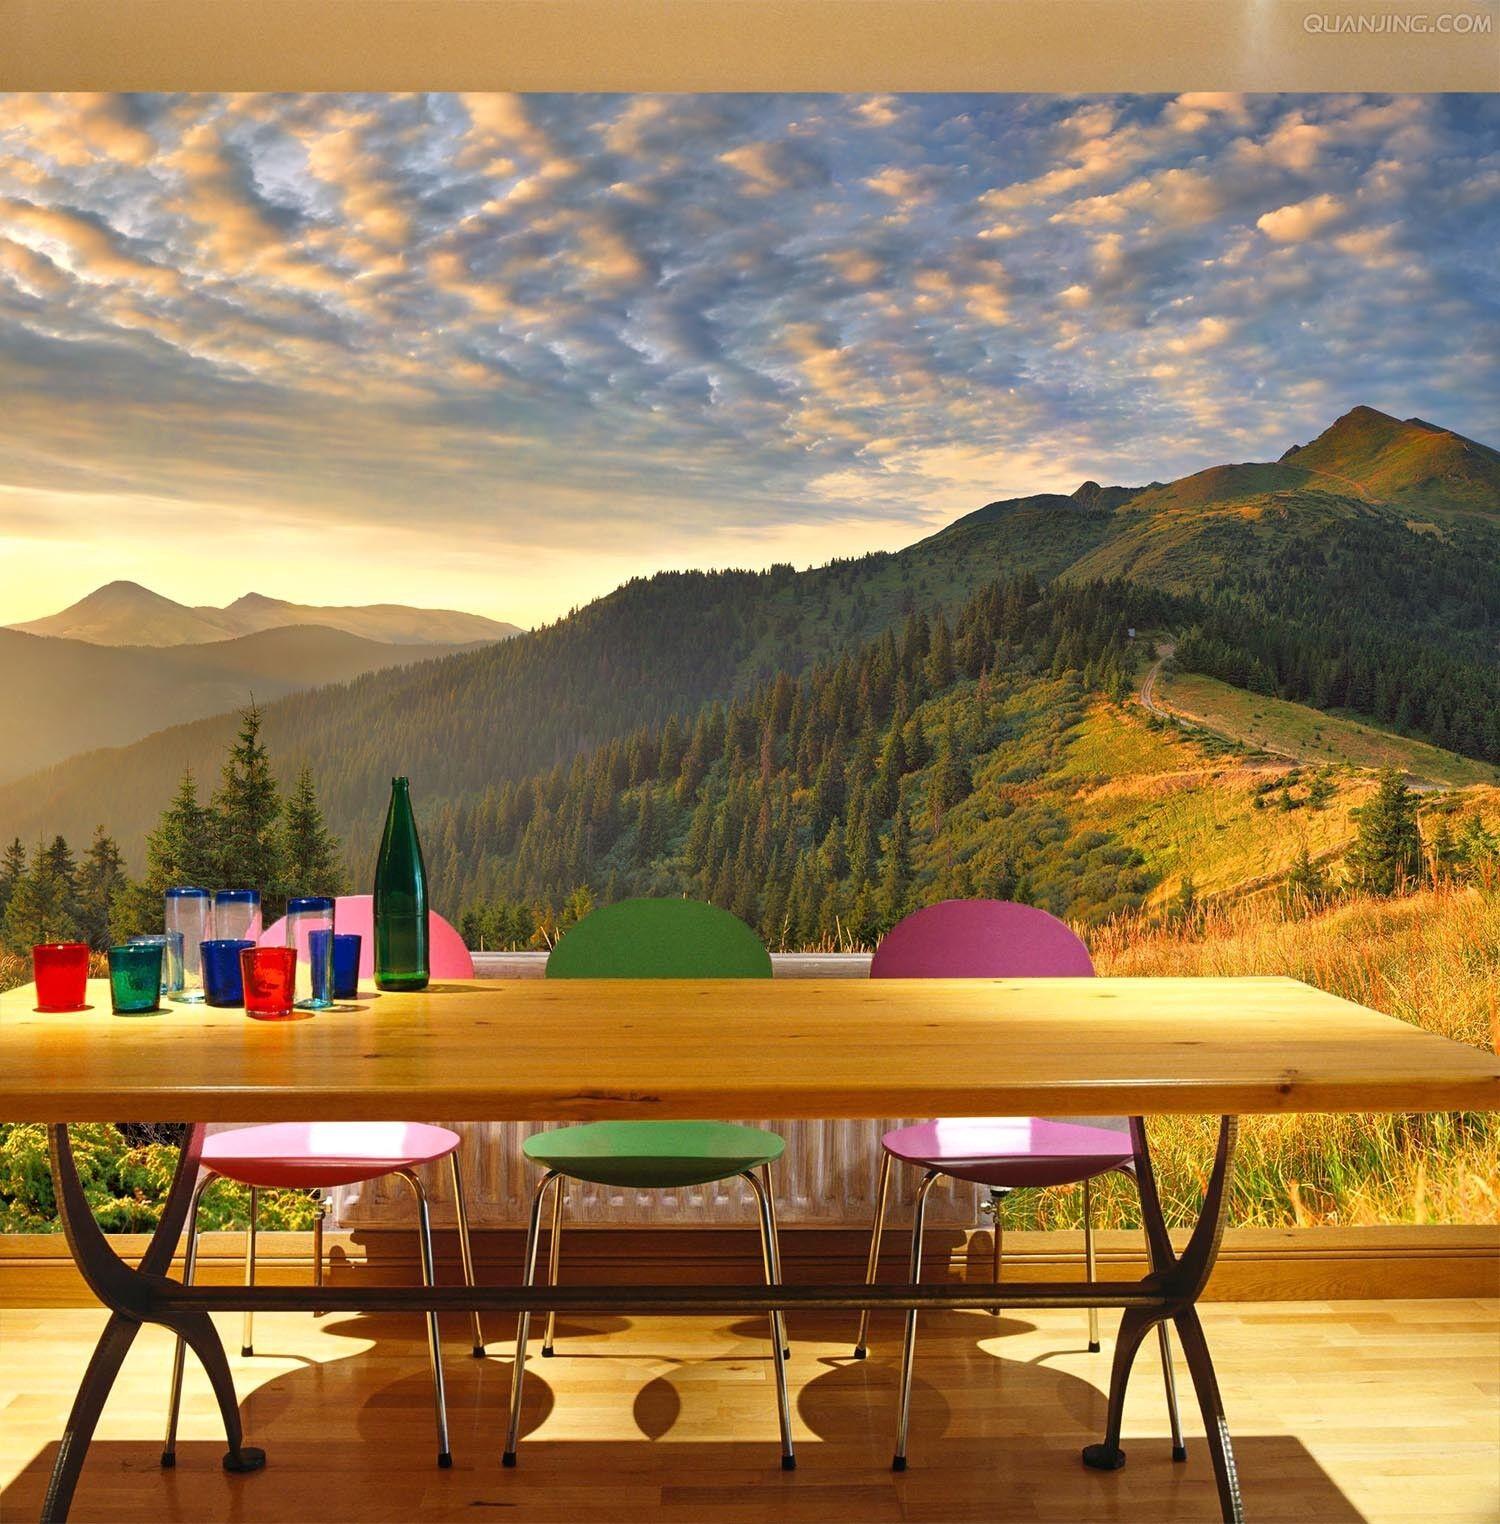 3D Berg Spitze Wolken 8 Tapete Wandgemälde Tapete Tapete Tapete Tapeten Bild Familie DE Summer  | Authentisch  | Charmantes Design  | Haben Wir Lob Von Kunden Gewonnen  2b09e3